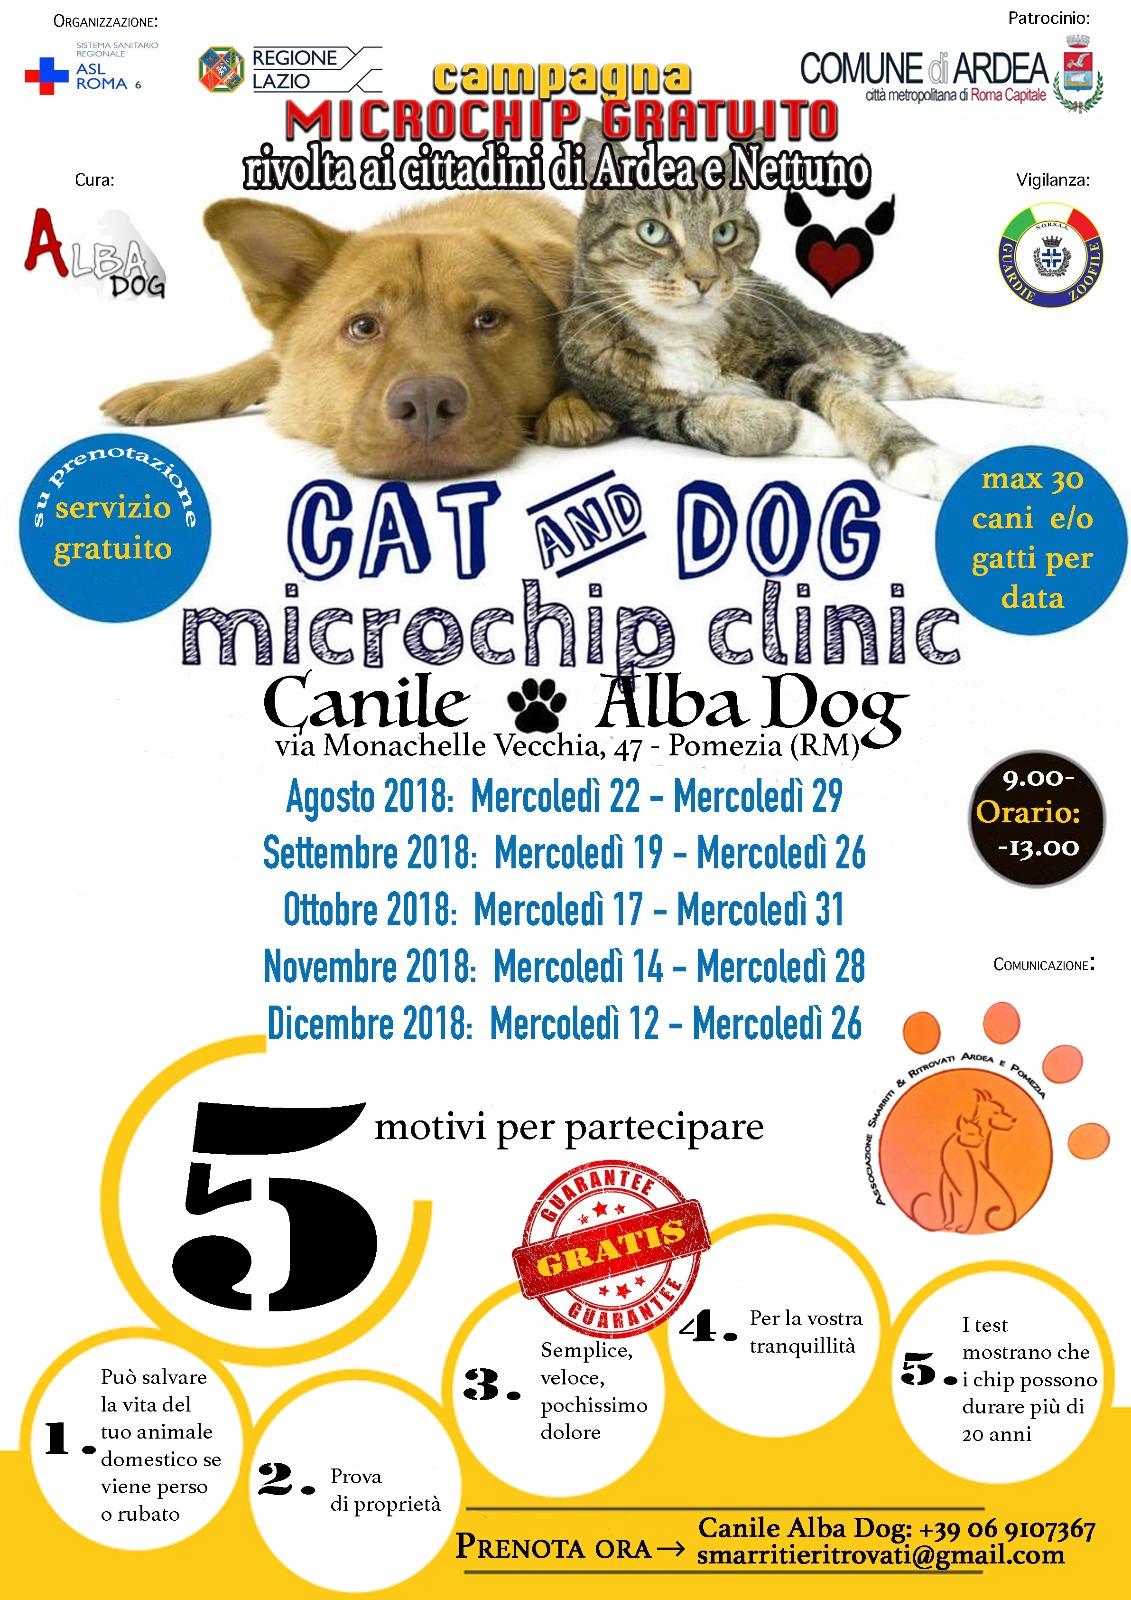 Animali, campagna microchip gratuito